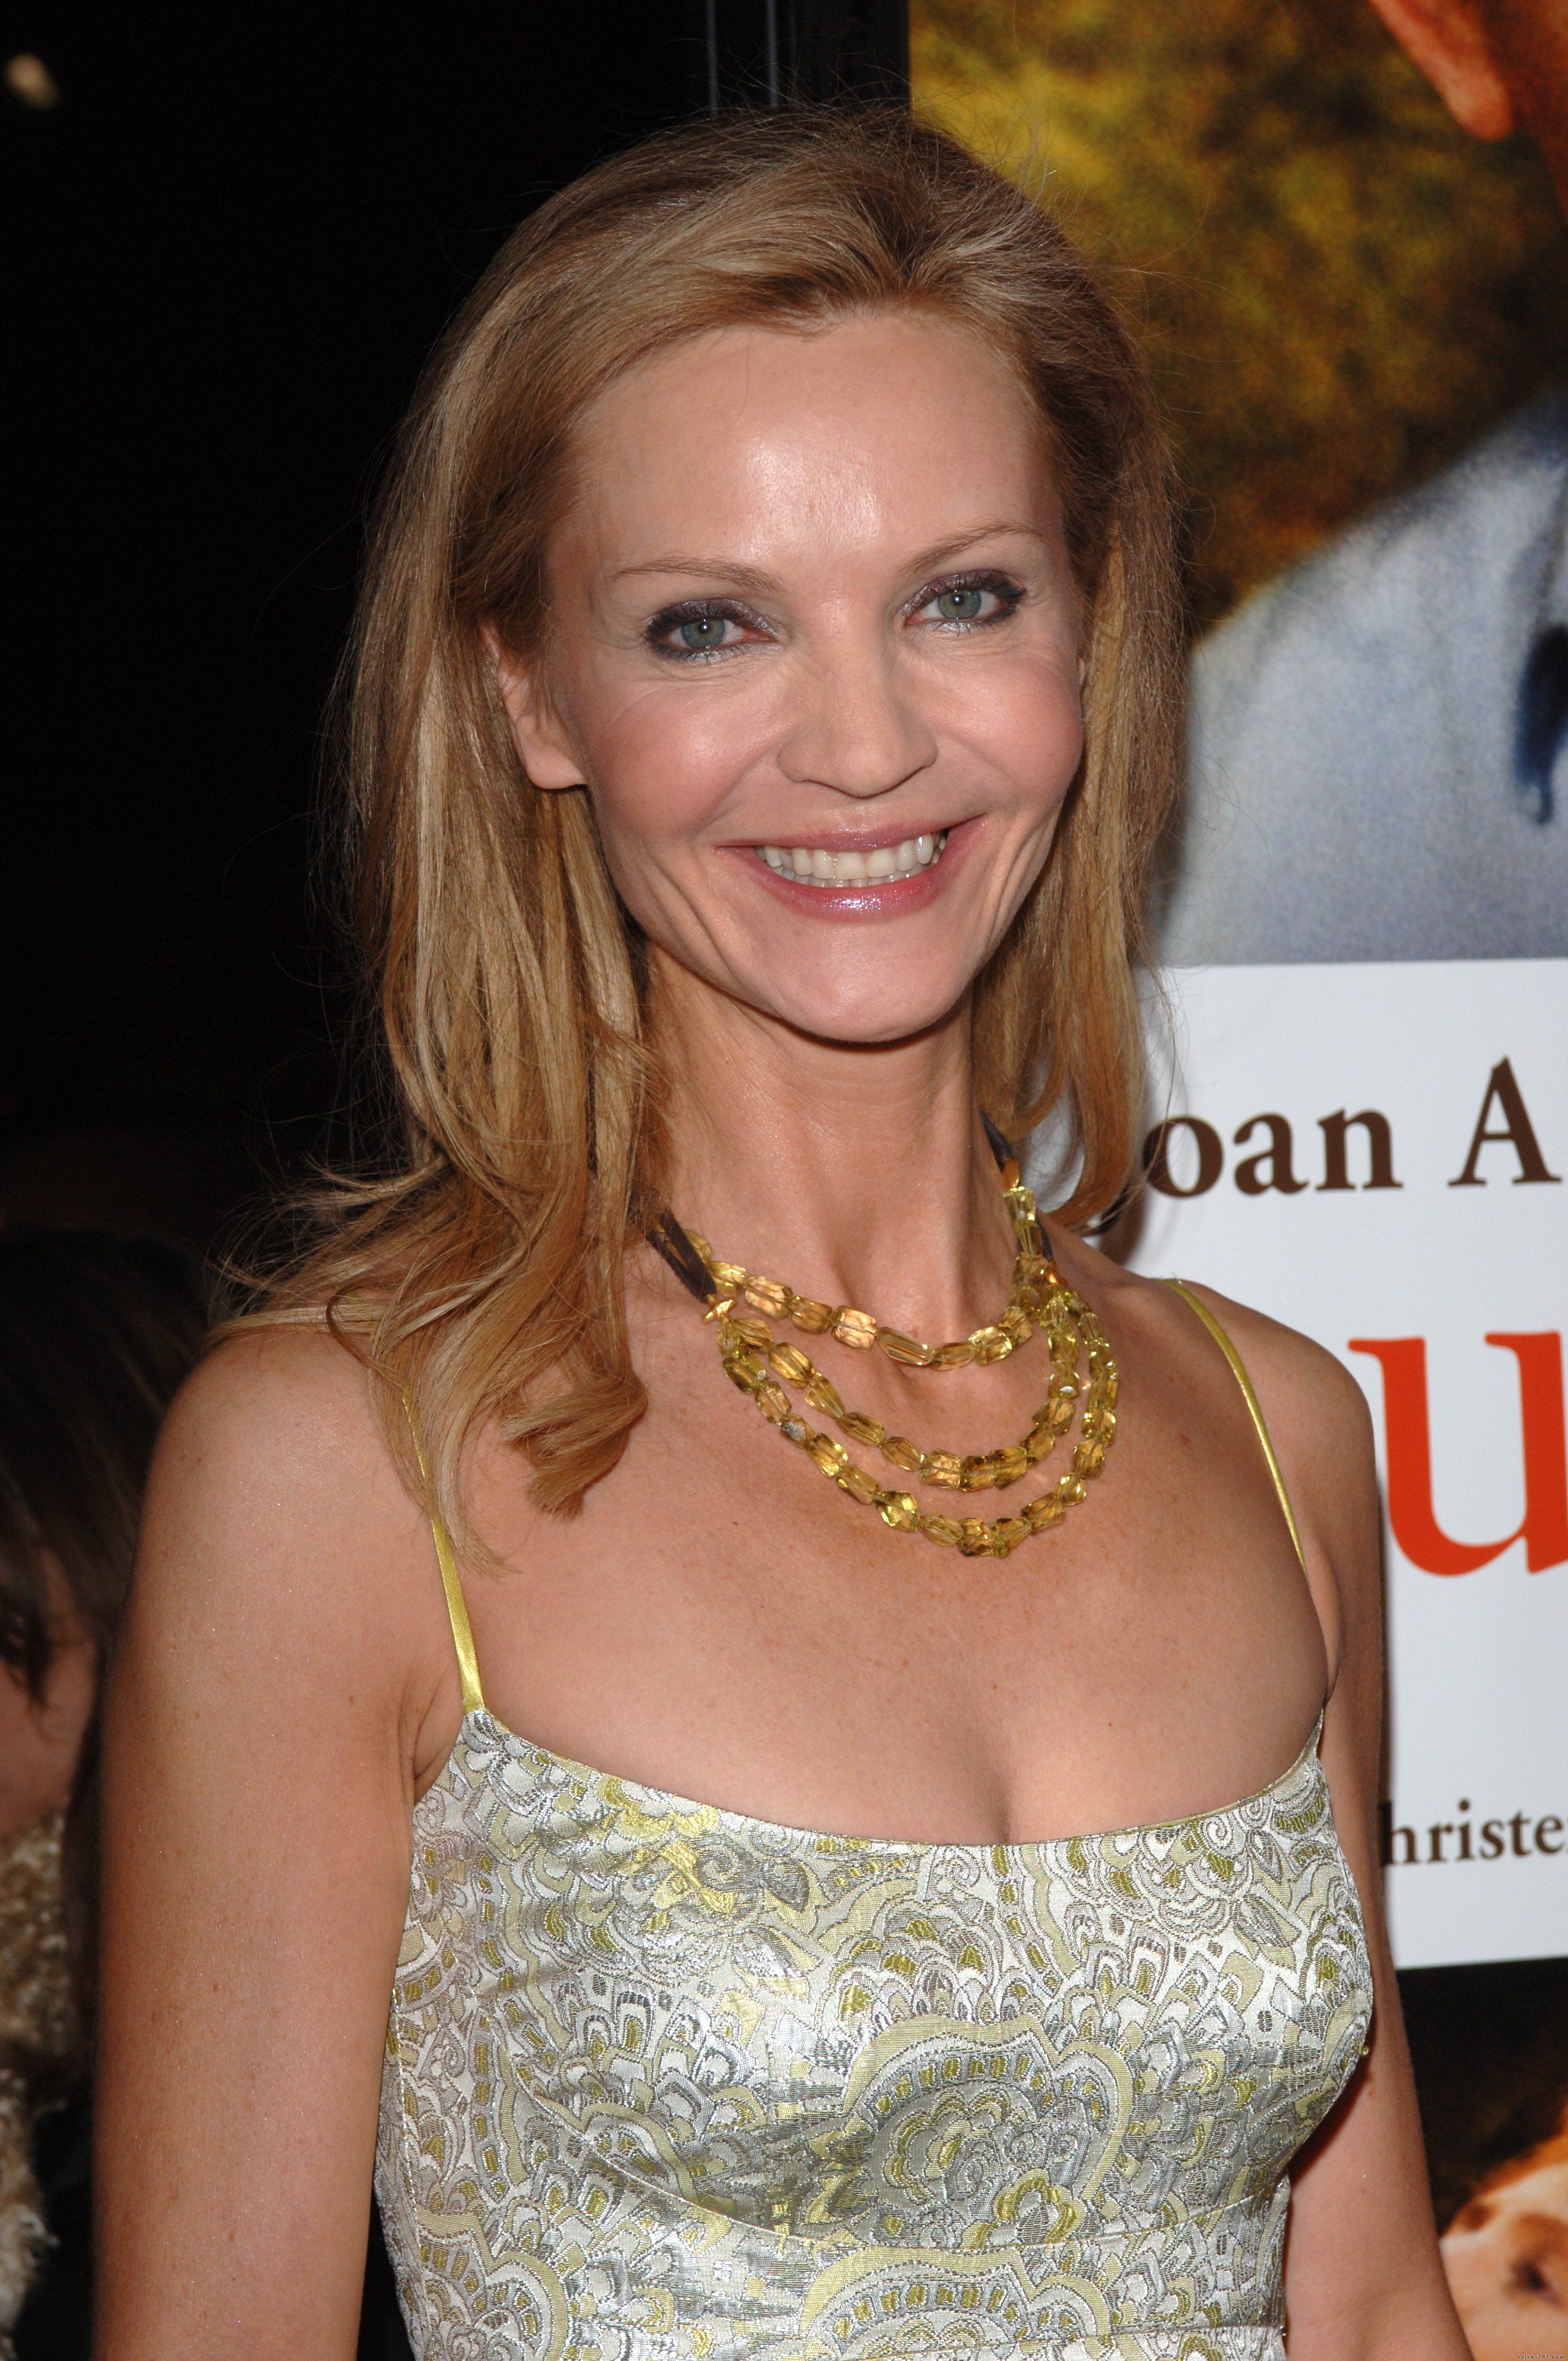 Joan Allen PhotosMore Photos of Joan AllenTop Celebrities of the Week